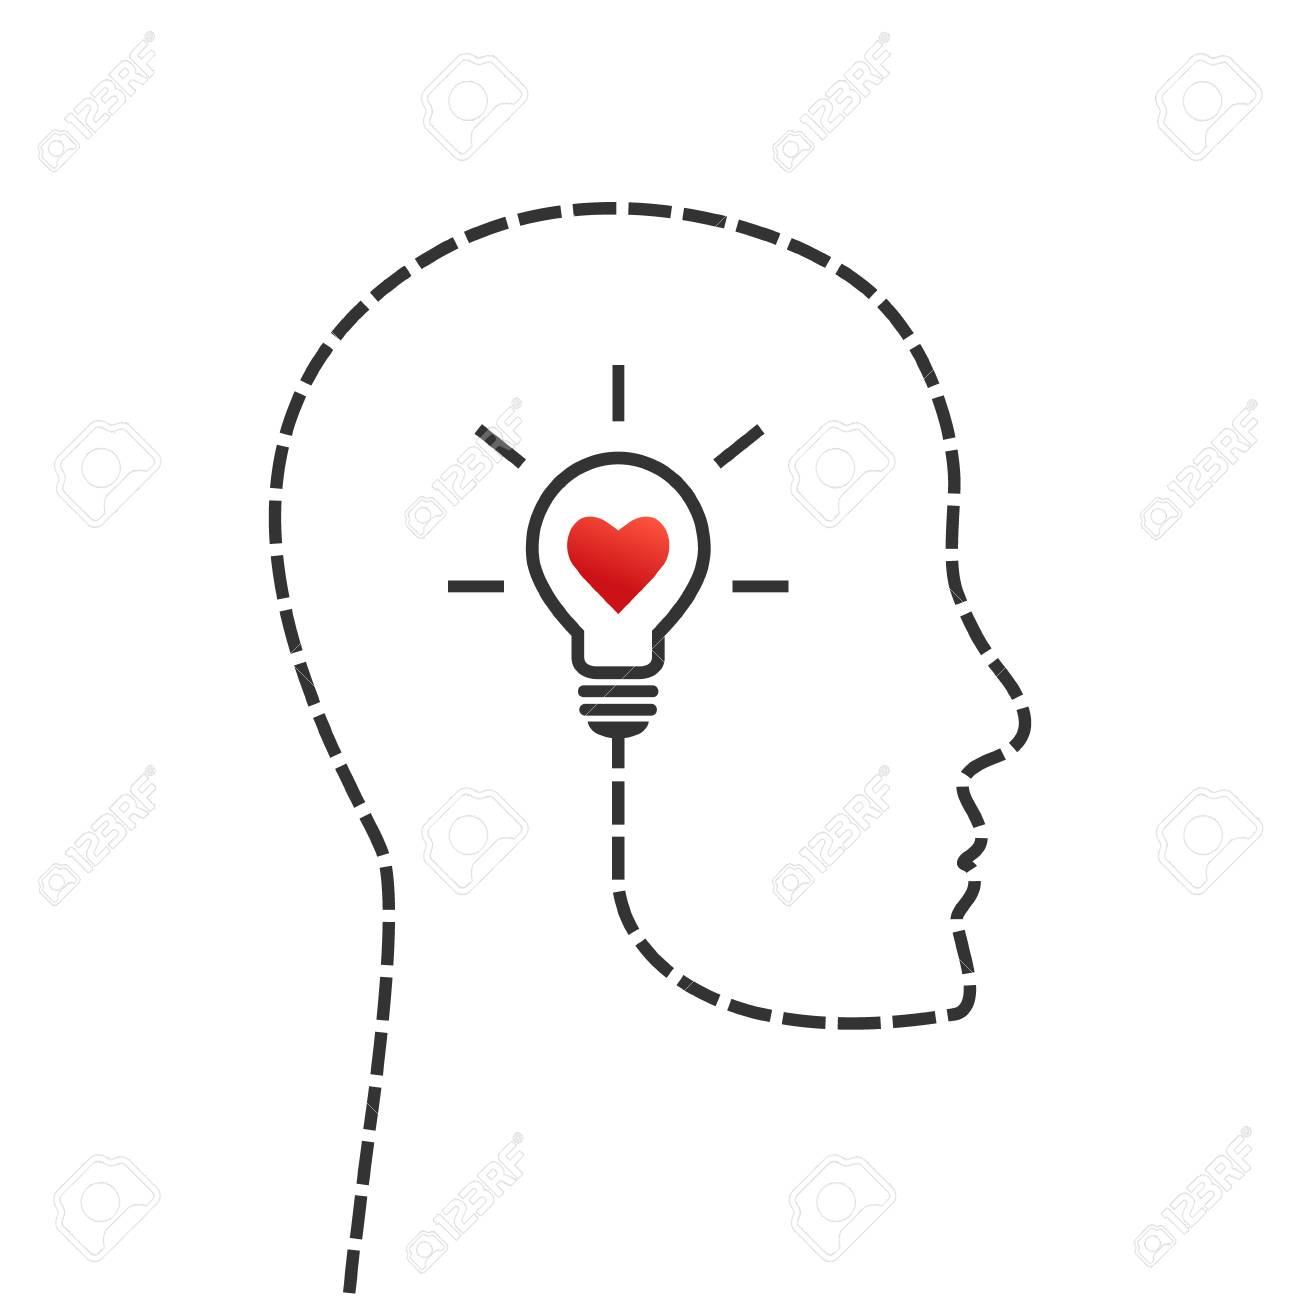 Idée De Photo De Profil pensée, bon moral et concept d'inspiration. profil de visage et ampoule  comme symbole d'idée avec le coeur à l'intérieur.